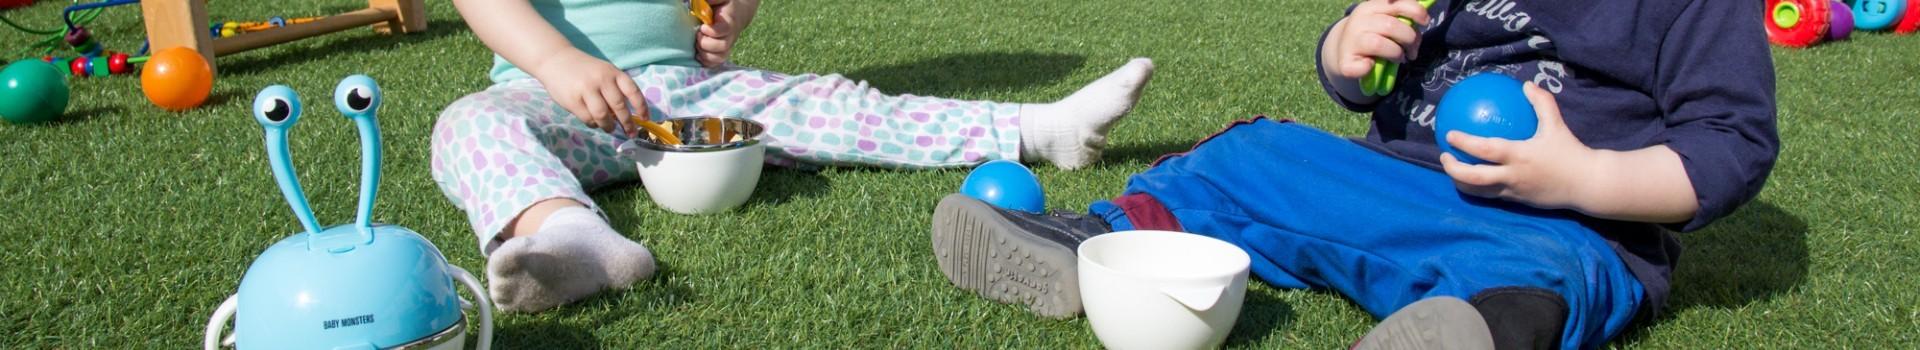 Prodotti per la sicurezza del bambino a casa | Baby Monsters